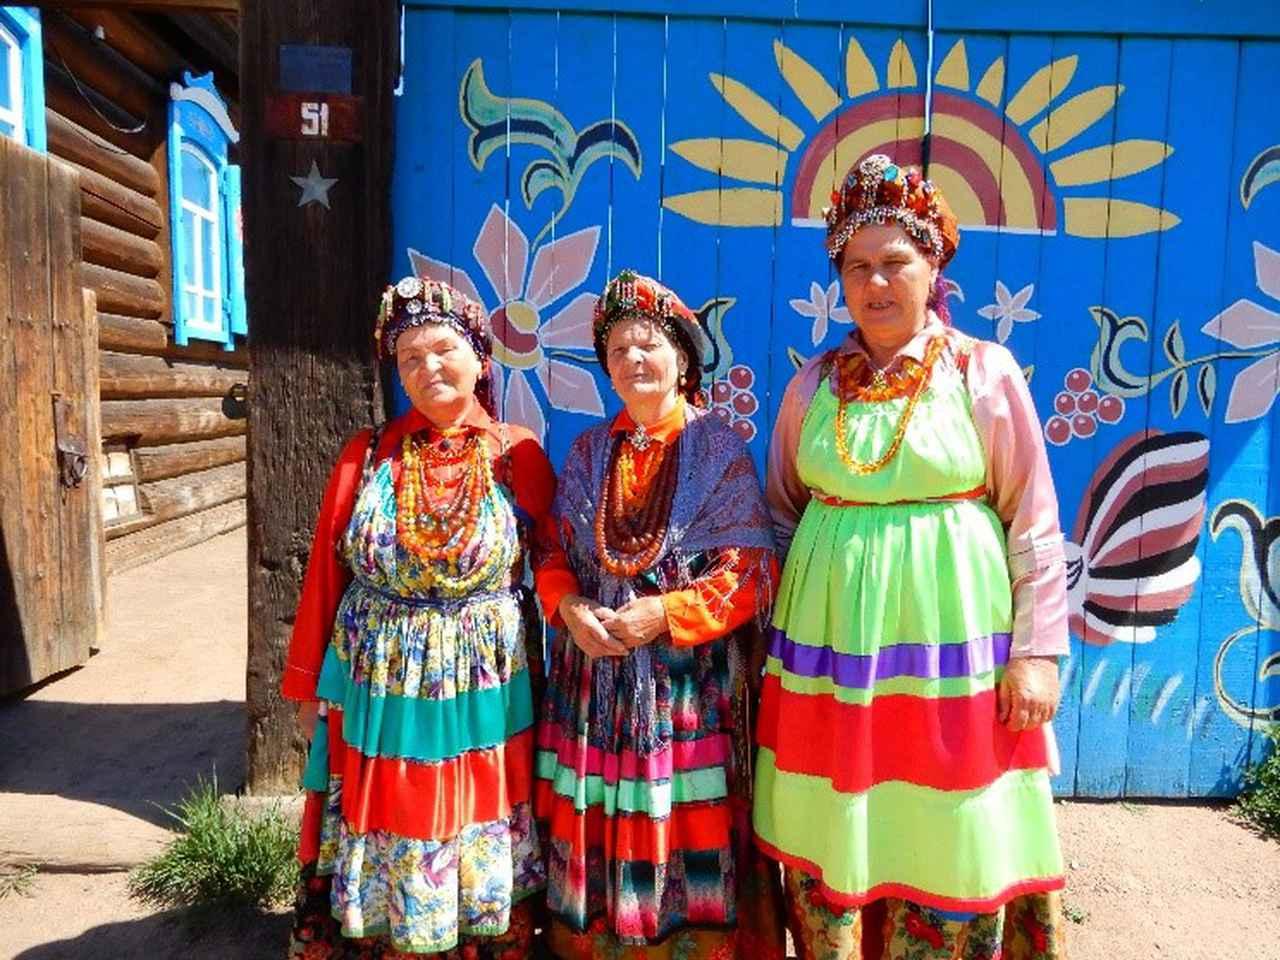 画像: セメイスキエ ロシア古儀式派の伝統を守り続けている人々。カラフルな民族衣装が特徴。(弊社社員撮影)